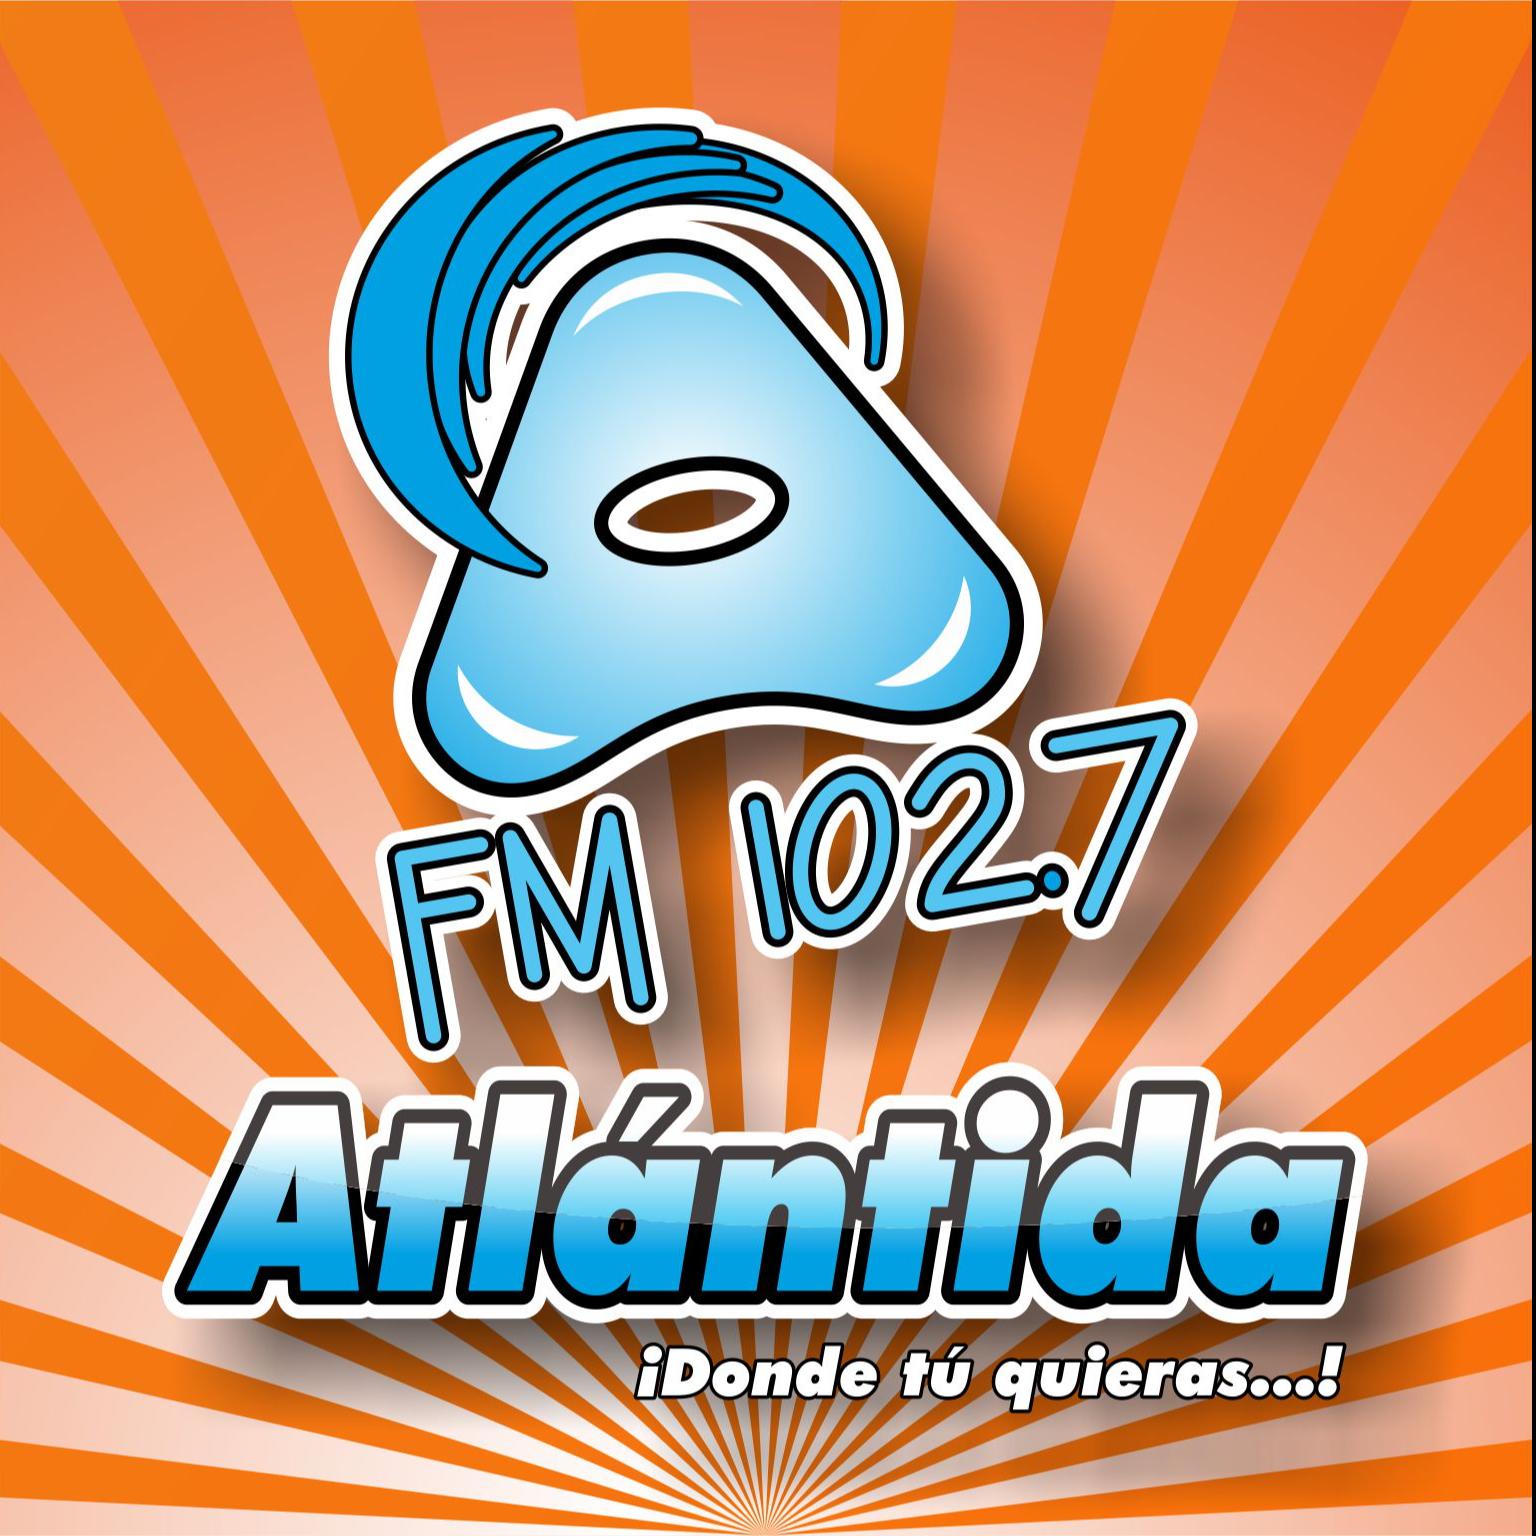 Atlantida FM 102.7